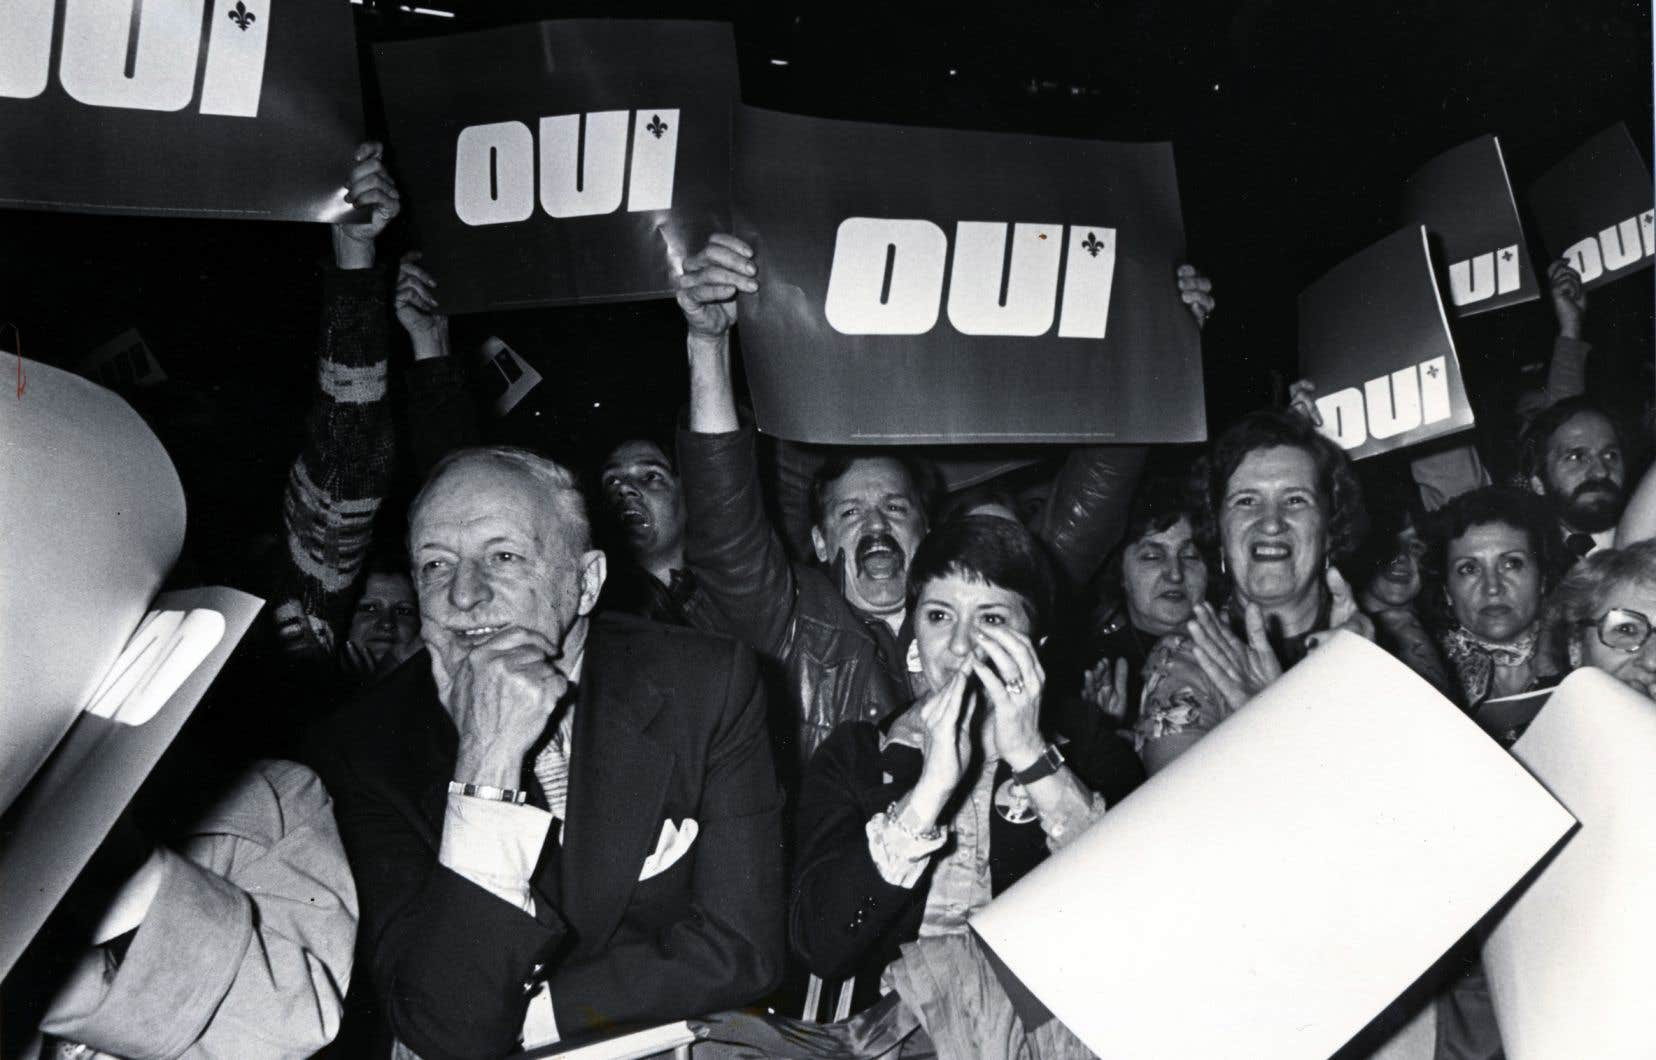 Le mouvement féministe, par exemple, s'est développé dans le cadre du mouvement indépendantiste. Il y avait aussi des liens très étroits entre le mouvement syndical et le mouvement indépendantiste, écrivent les auteurs du texte.